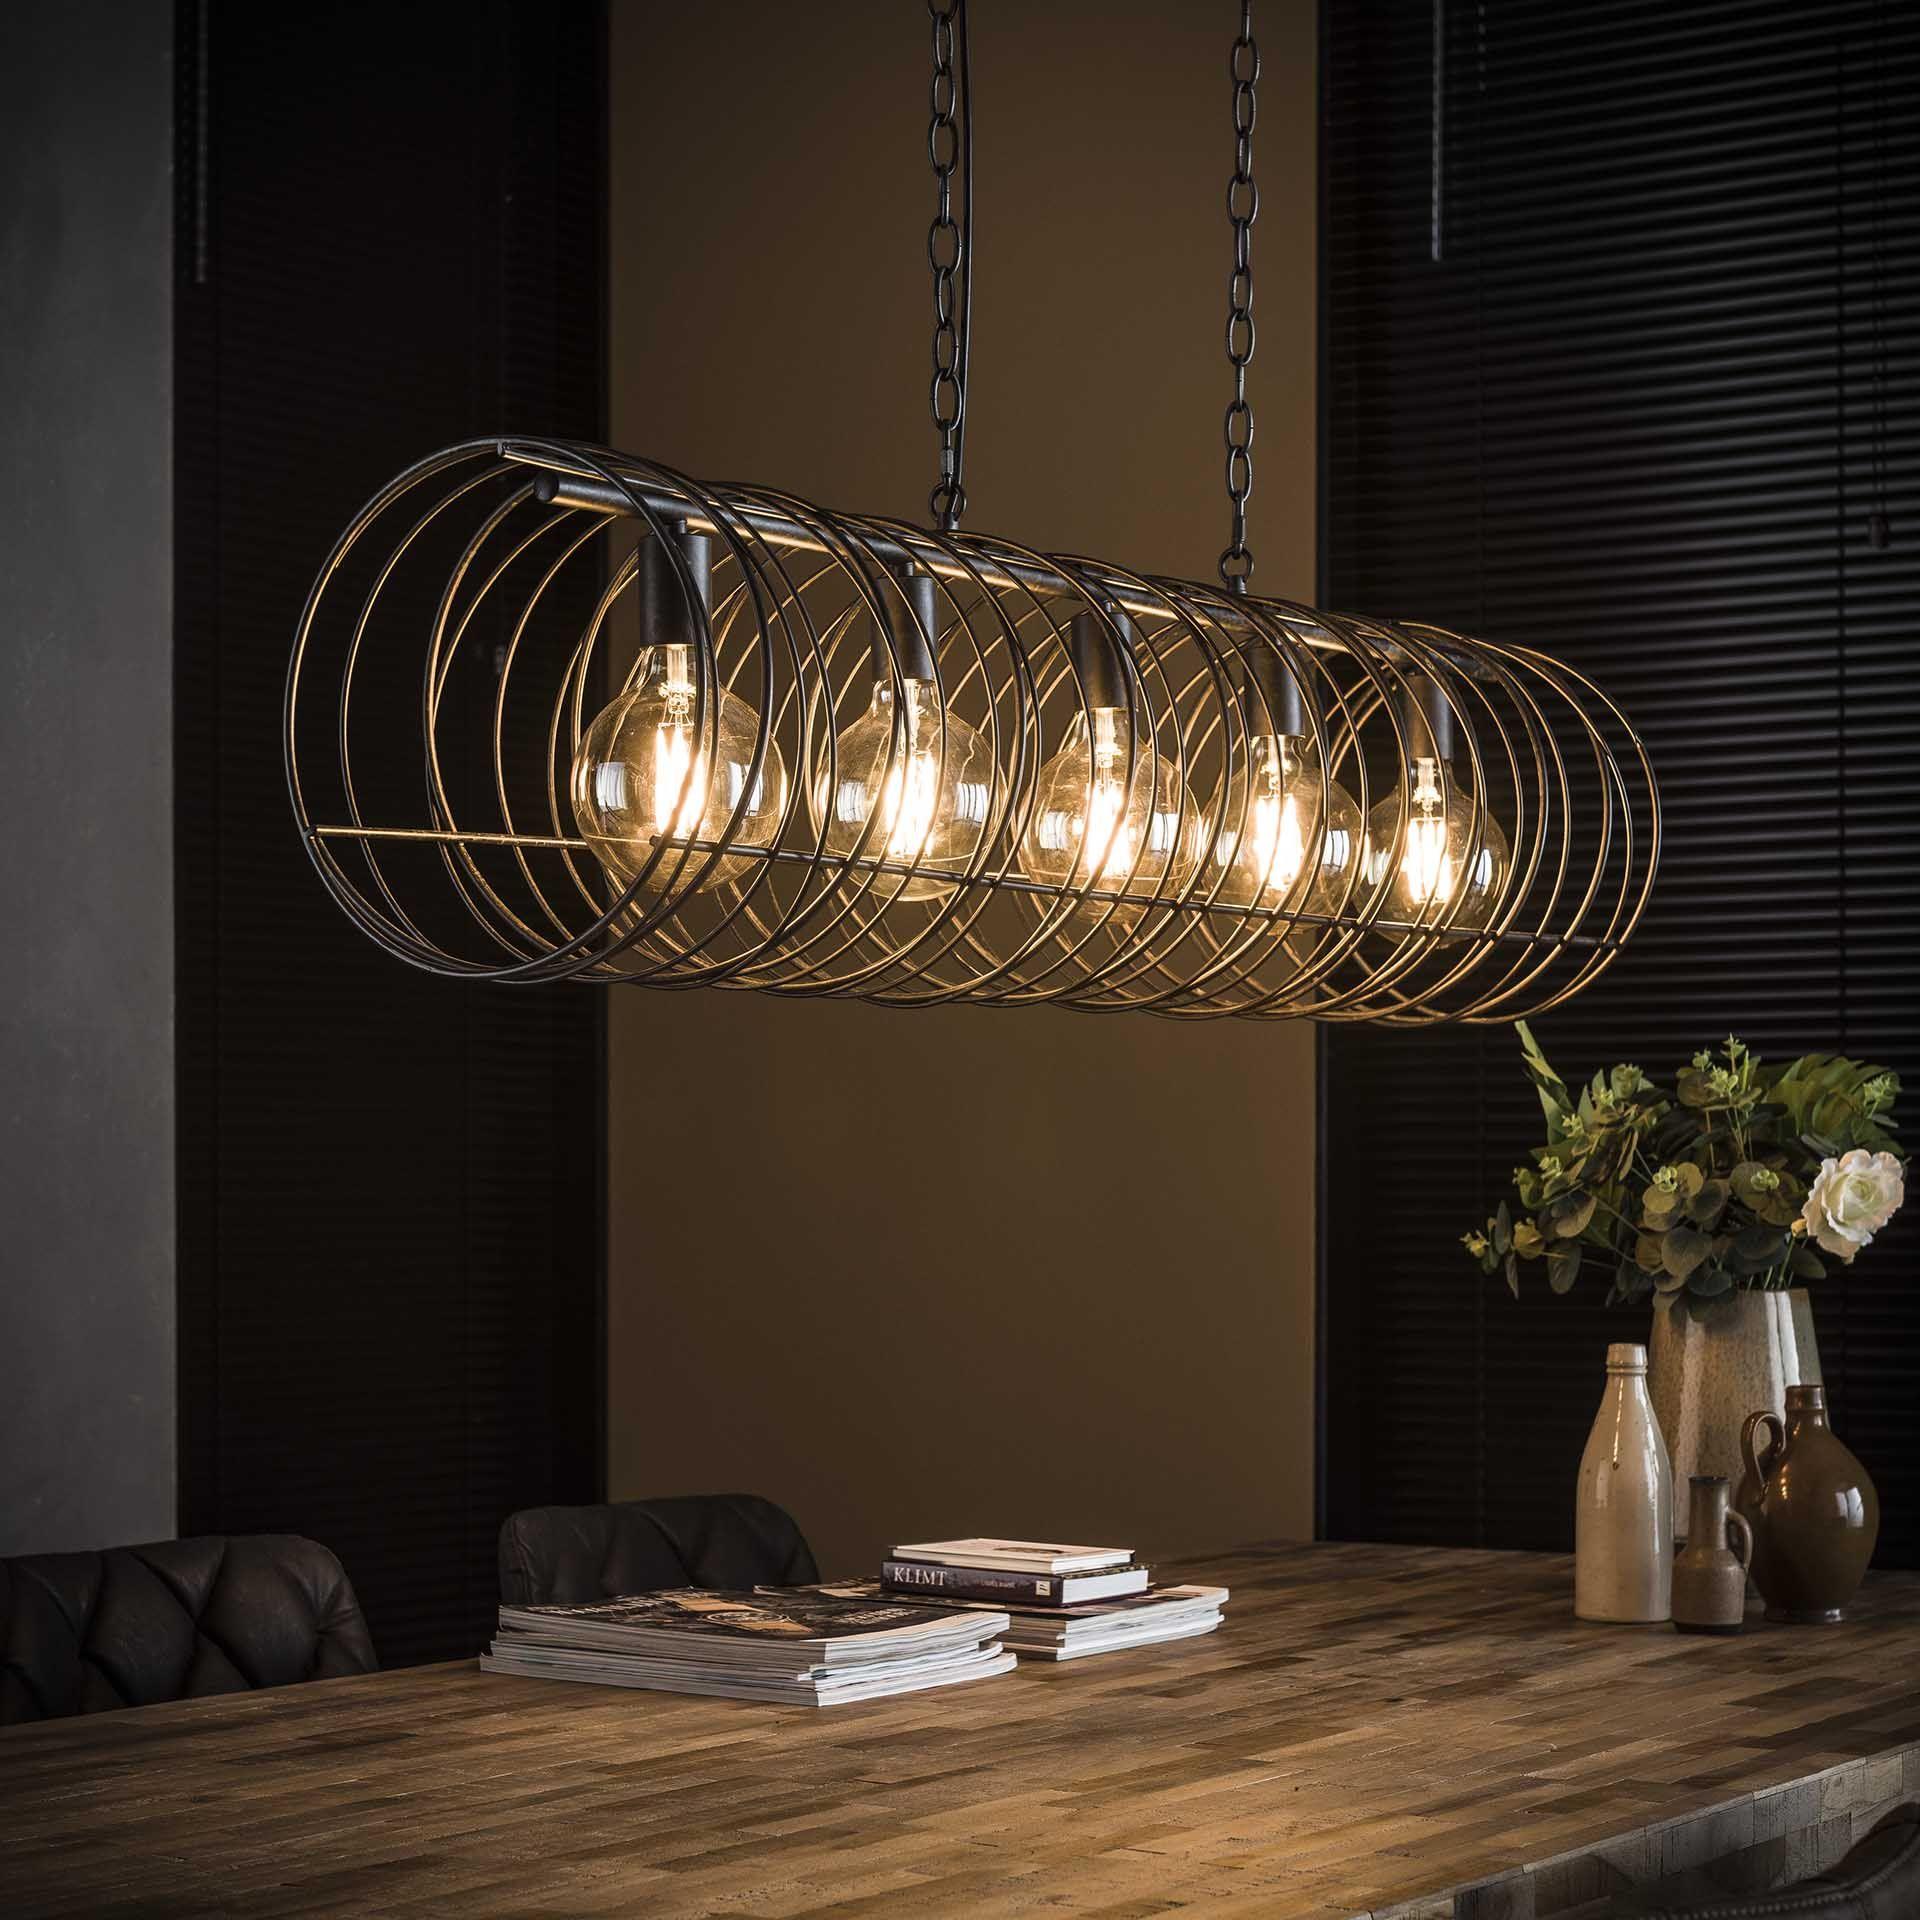 Hangelampe Spiral Beleuchtung Decke Pendelleuchte Industrie Stil Lampen